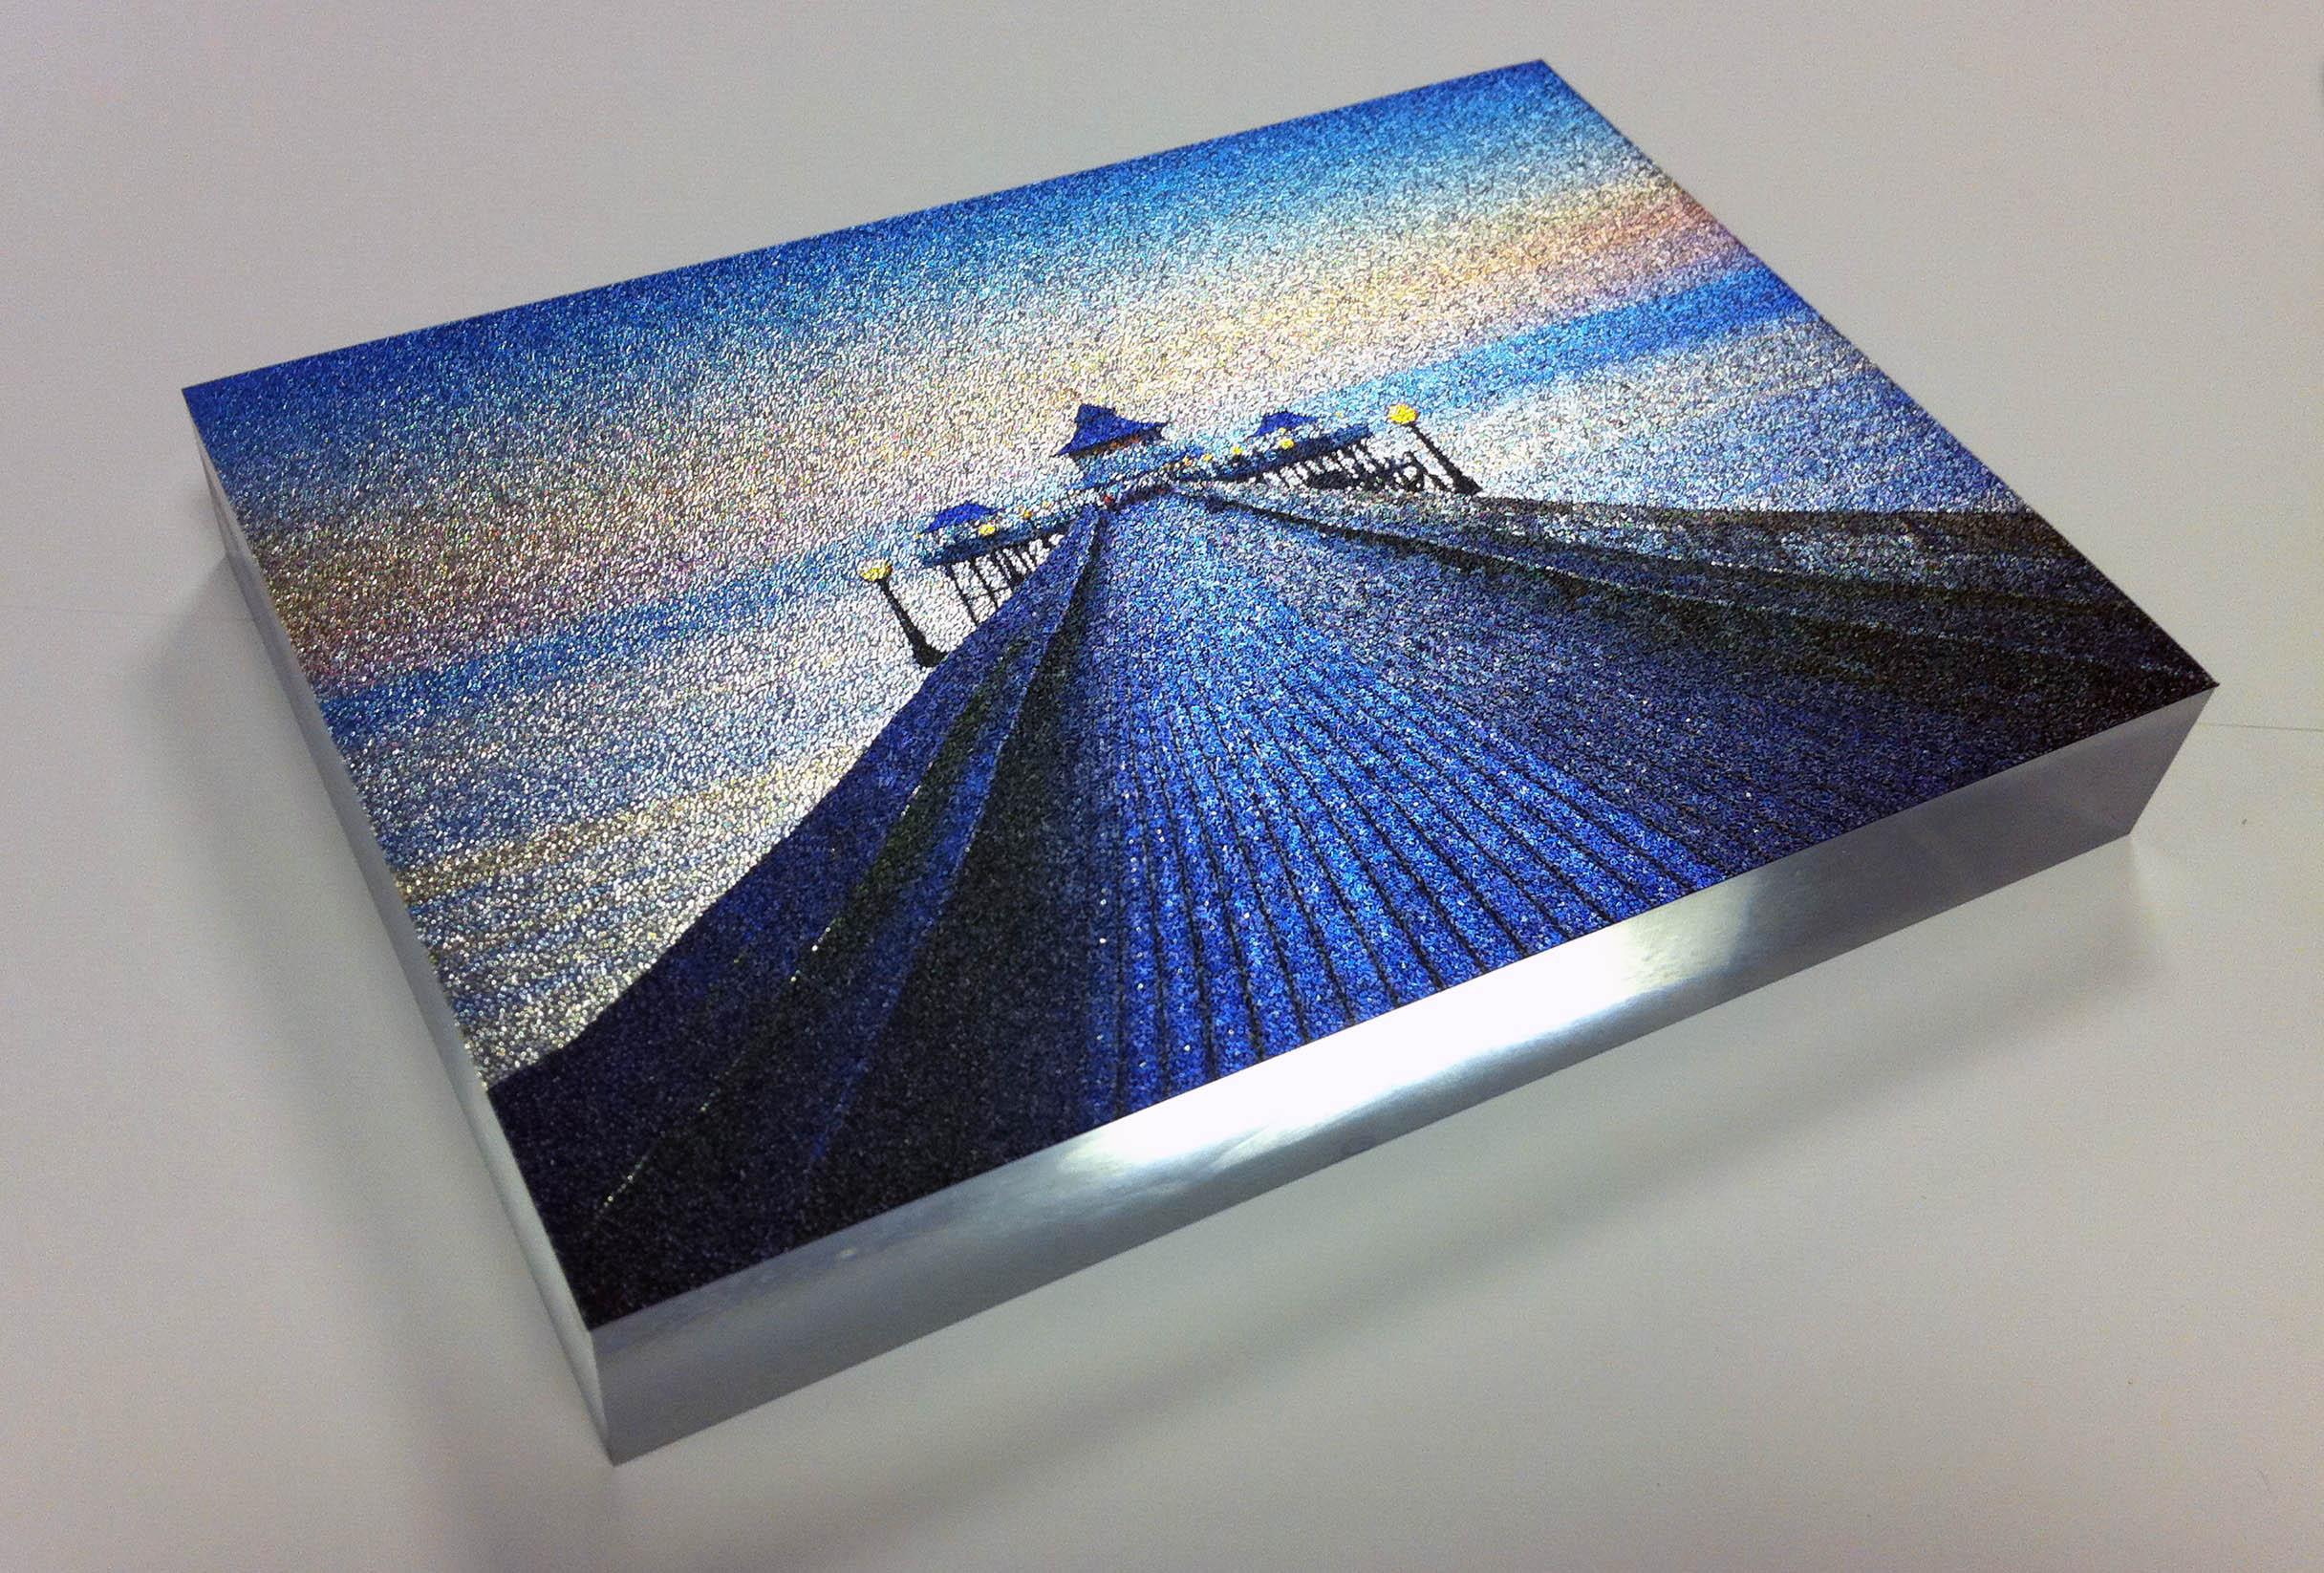 картинка, печать фотографий металлик алексеевская долгожданной гитаре